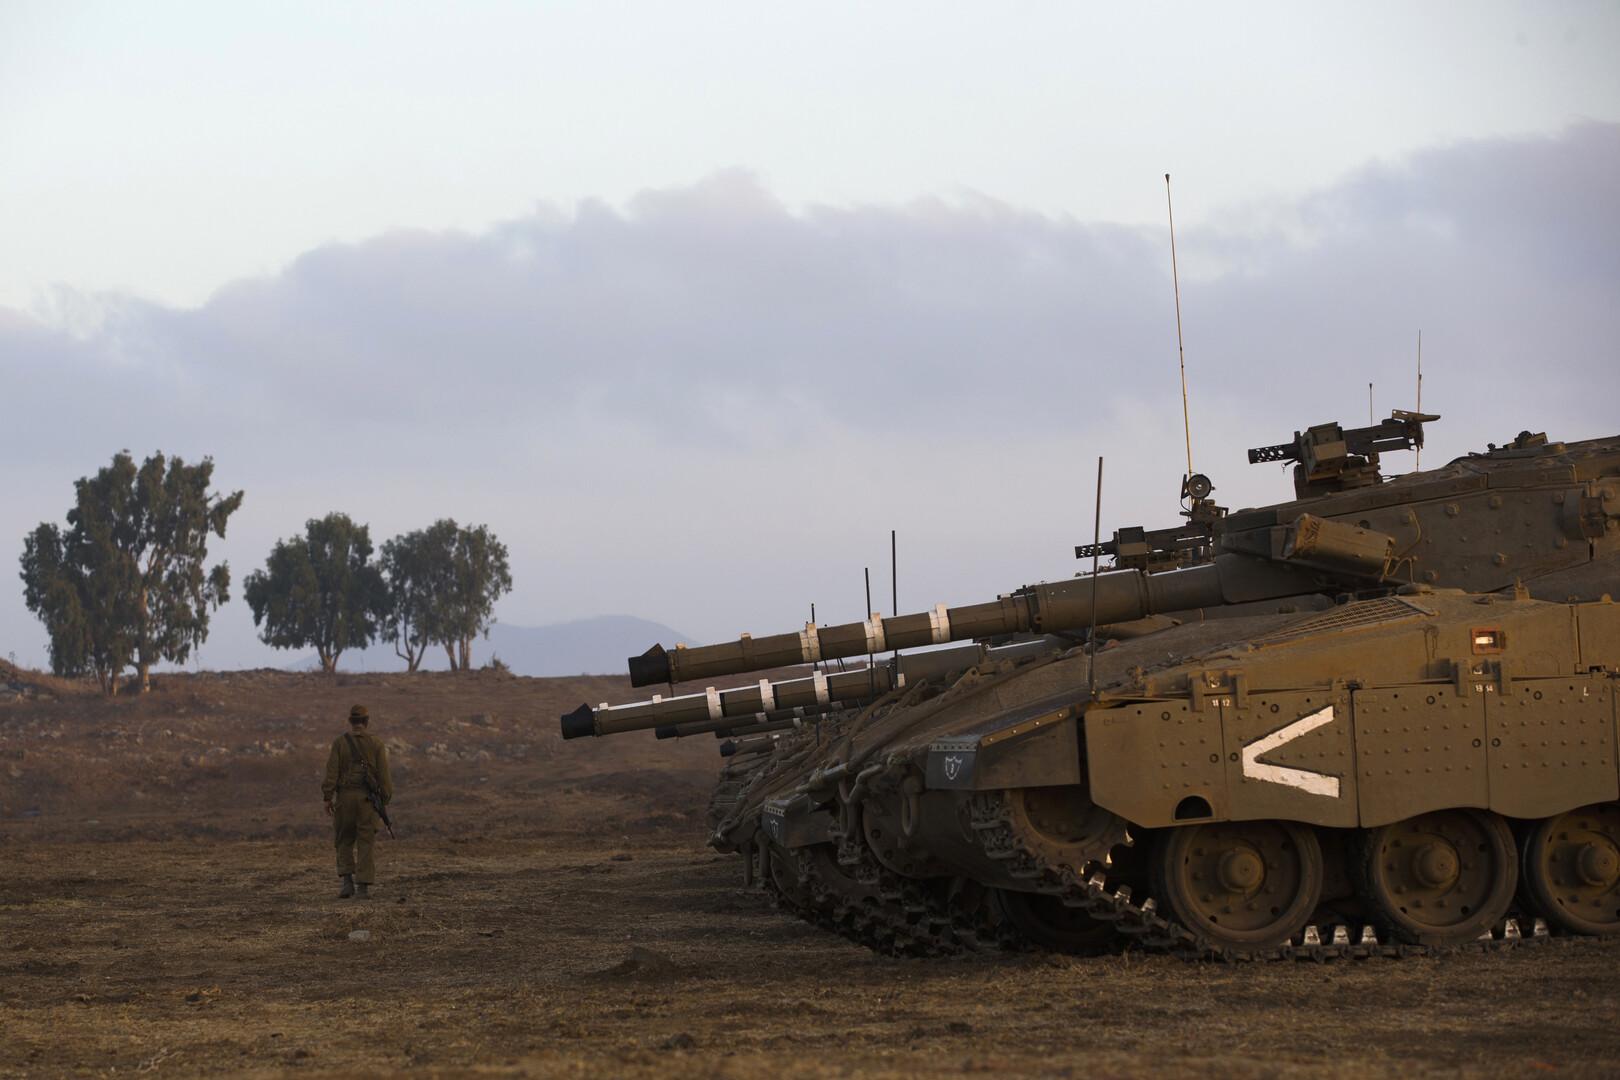 الجيش الإسرائيلي: رصدنا عملية إطلاق فاشل لعدد من القذائف الصاروخية من فيلق القدس بسوريا